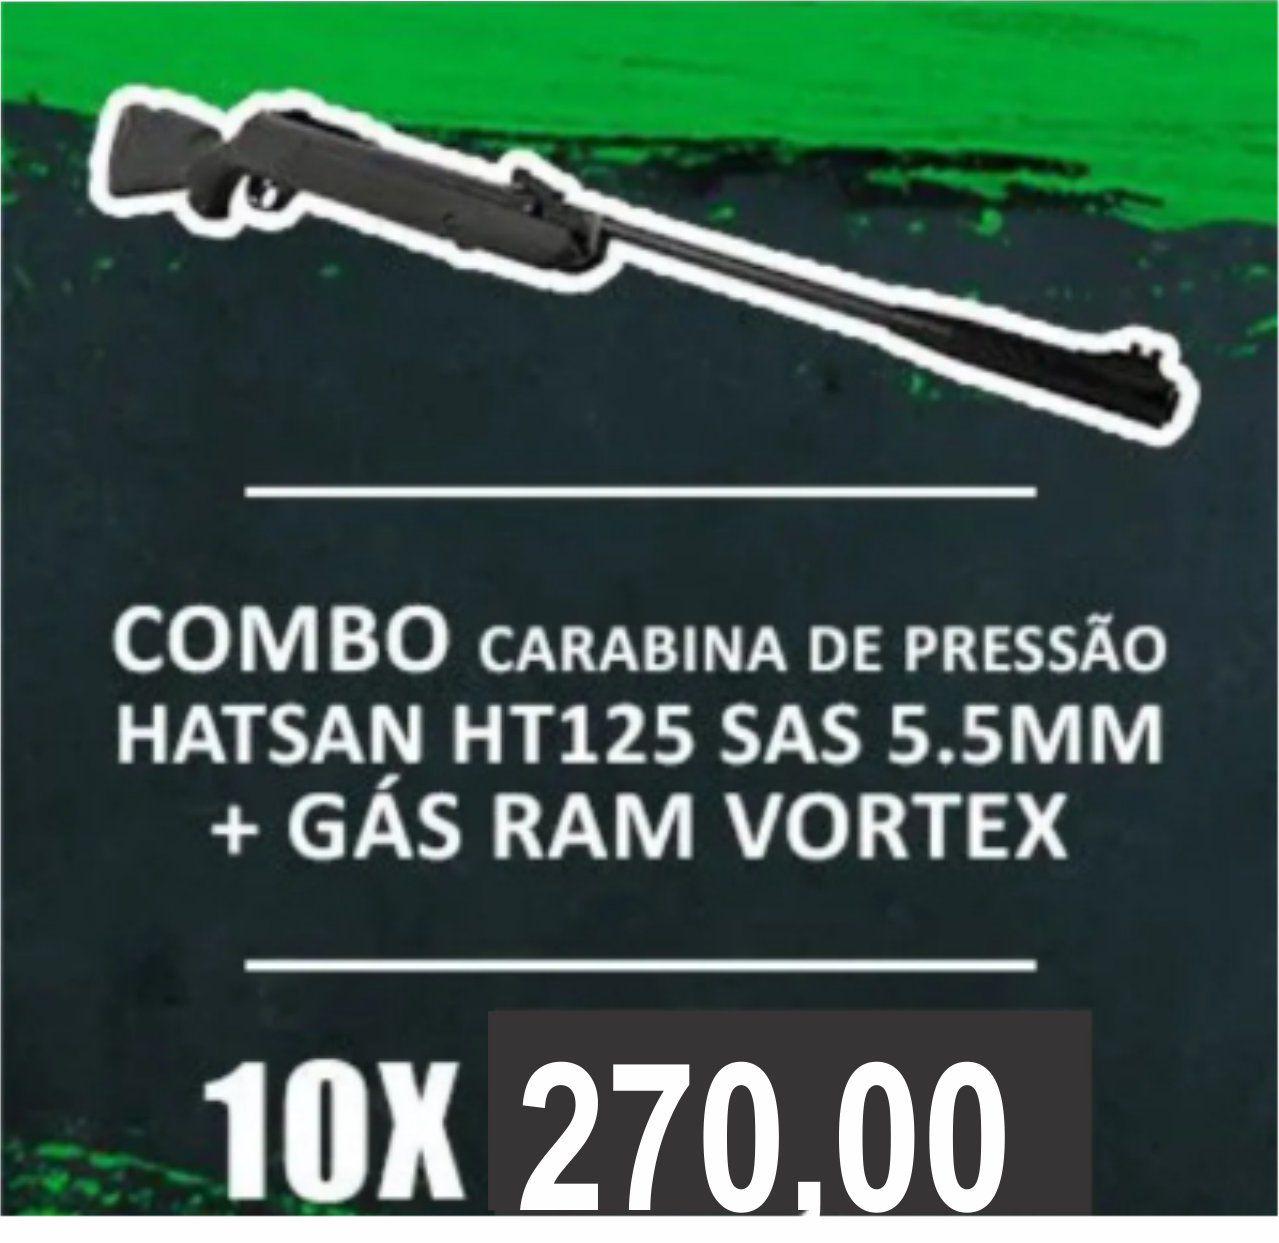 Consórcio - Carabina de Pressão Hatsan HT125 SAS 5.5mm com Gás Ram Vortex